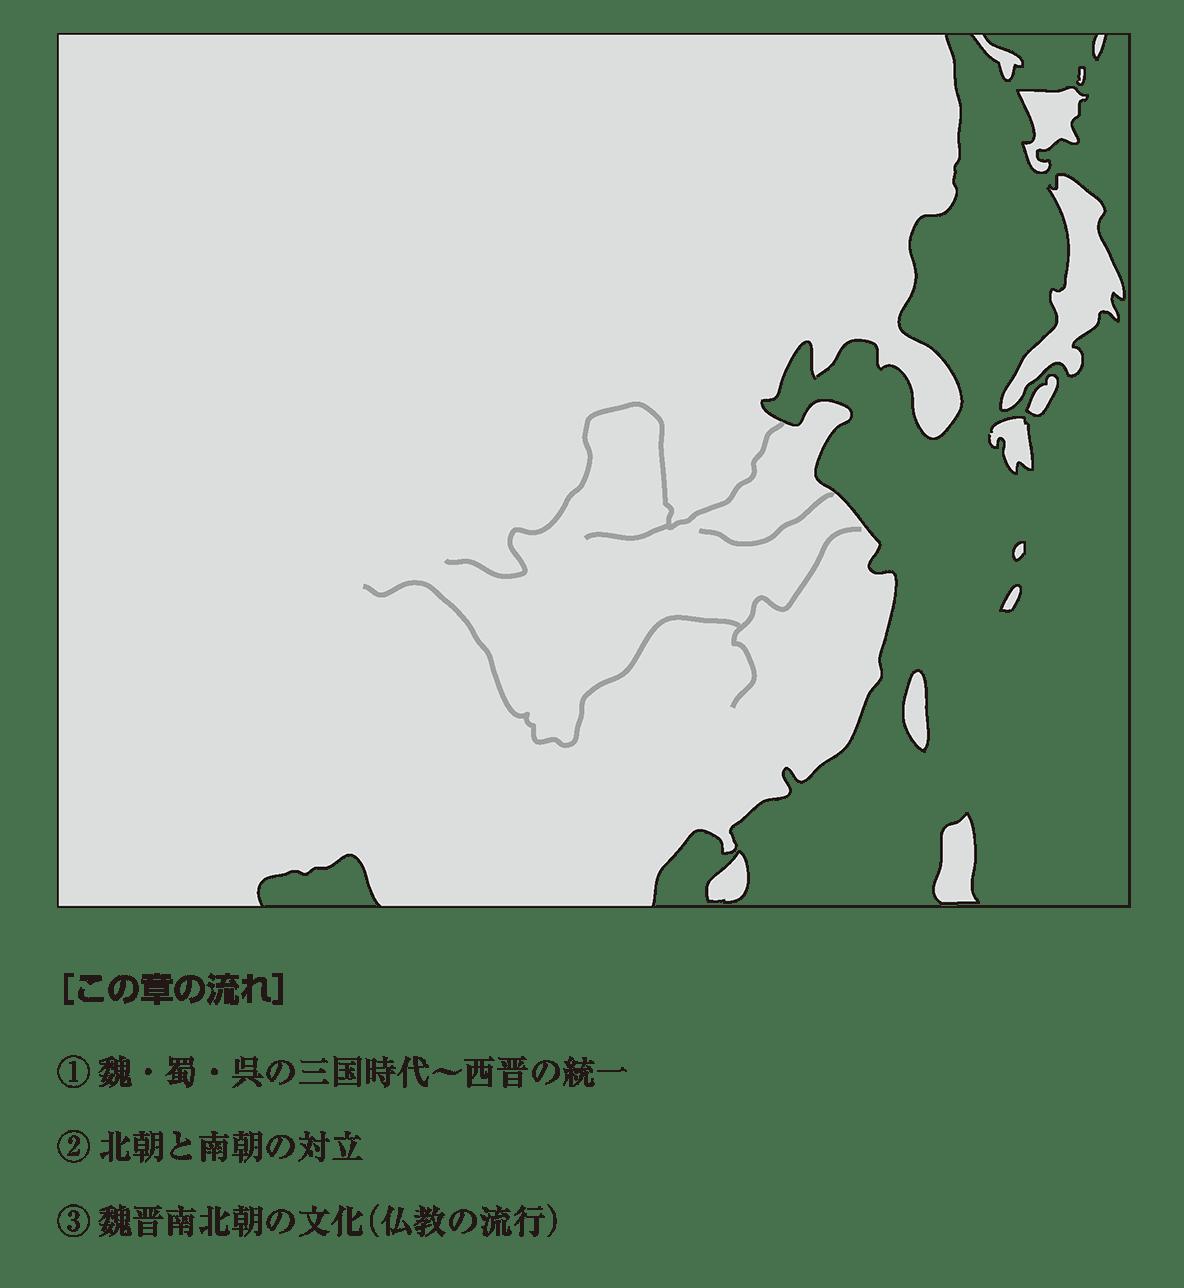 高校世界史 中国の分裂・混乱期0/右の地図+下部テキスト